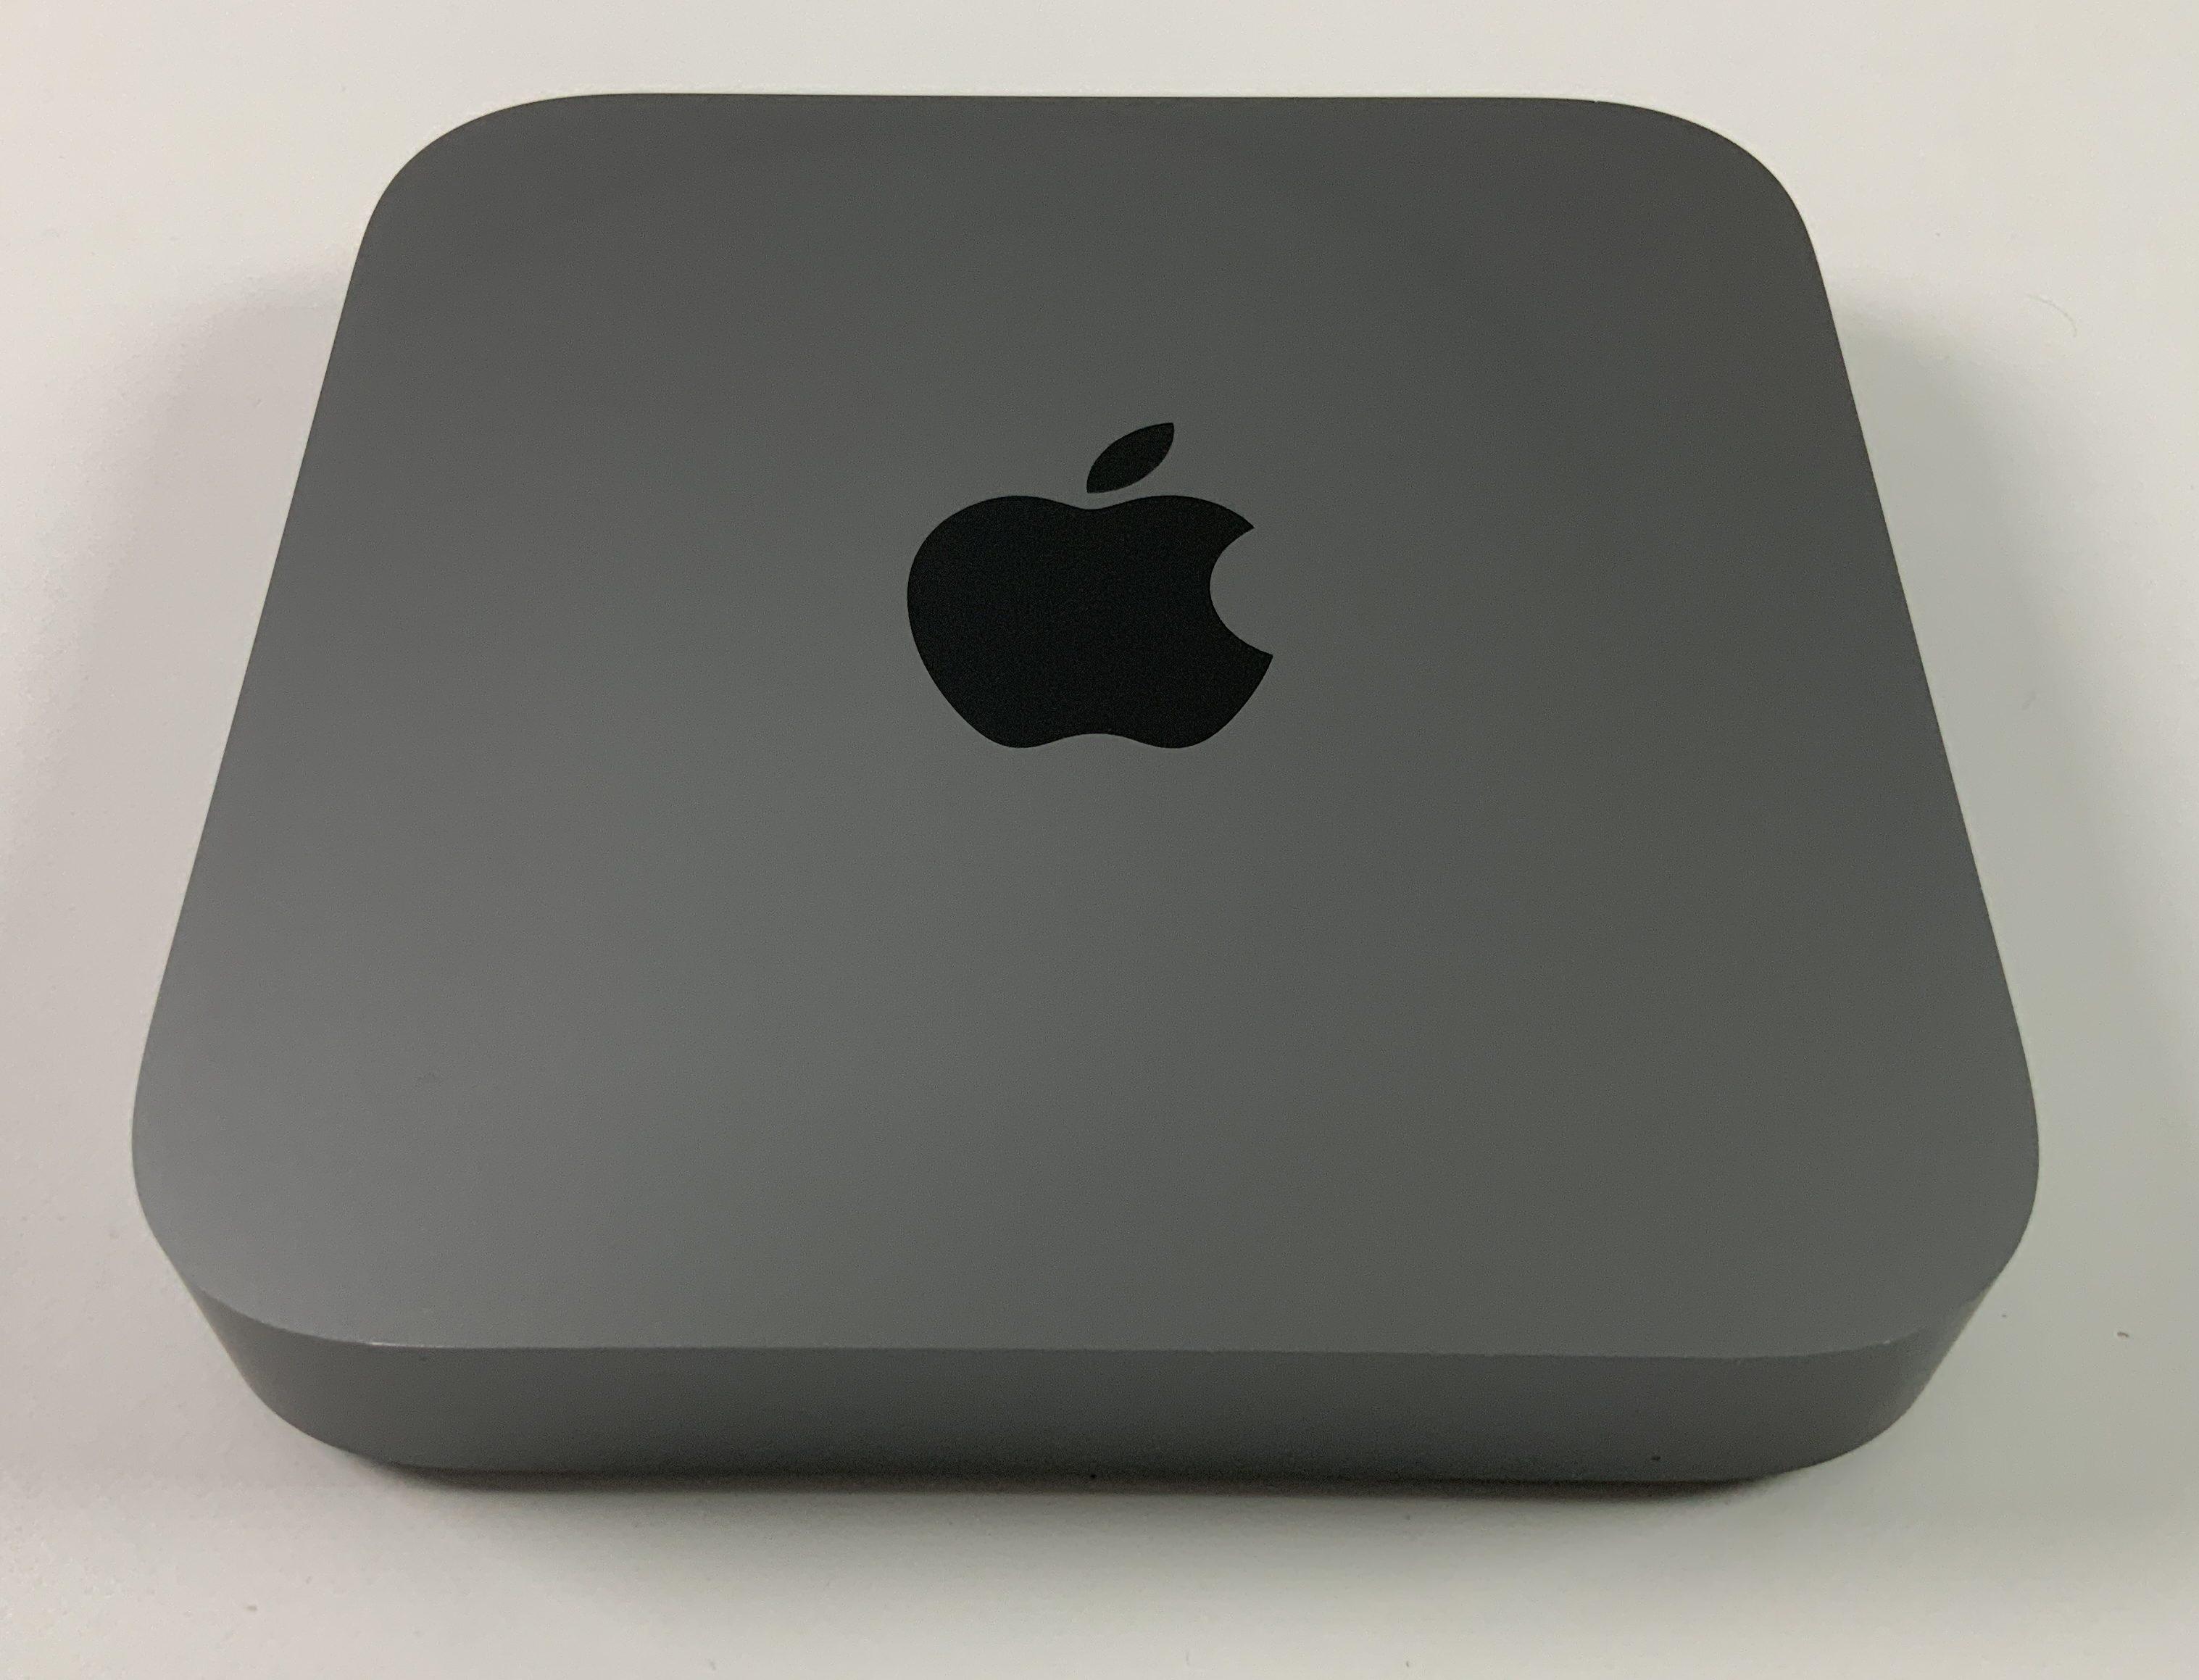 Mac Mini Late 2018 (Intel 6-Core i5 3.0 GHz 8 GB RAM 256 GB SSD), Intel 6-Core i5 3.0 GHz, 8 GB RAM, 256 GB SSD, Afbeelding 1